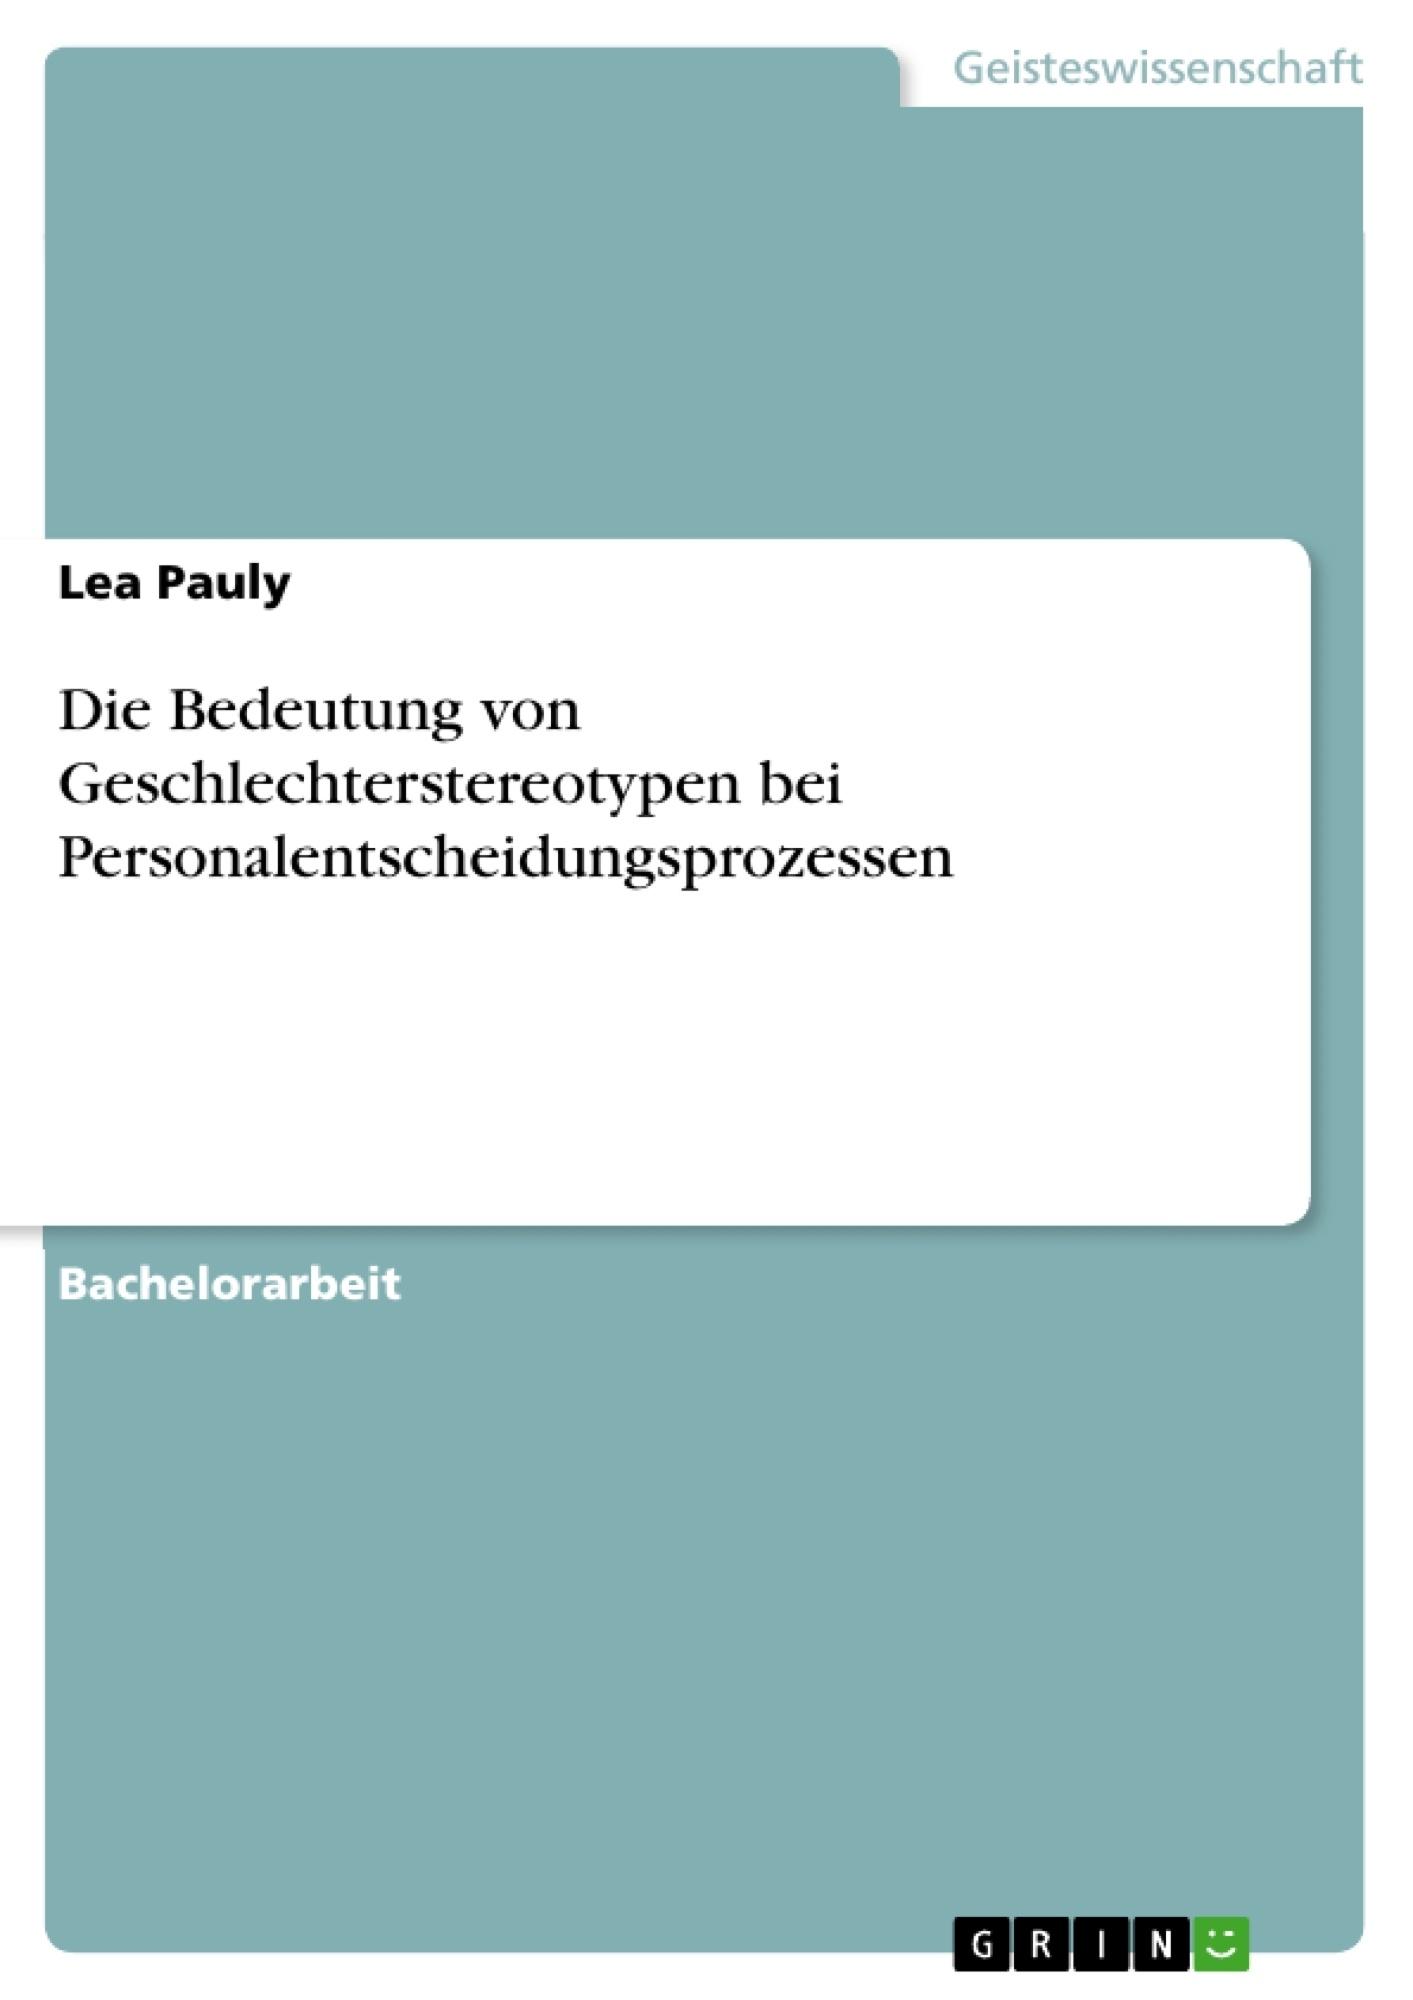 Titel: Die Bedeutung von Geschlechterstereotypen bei Personalentscheidungsprozessen